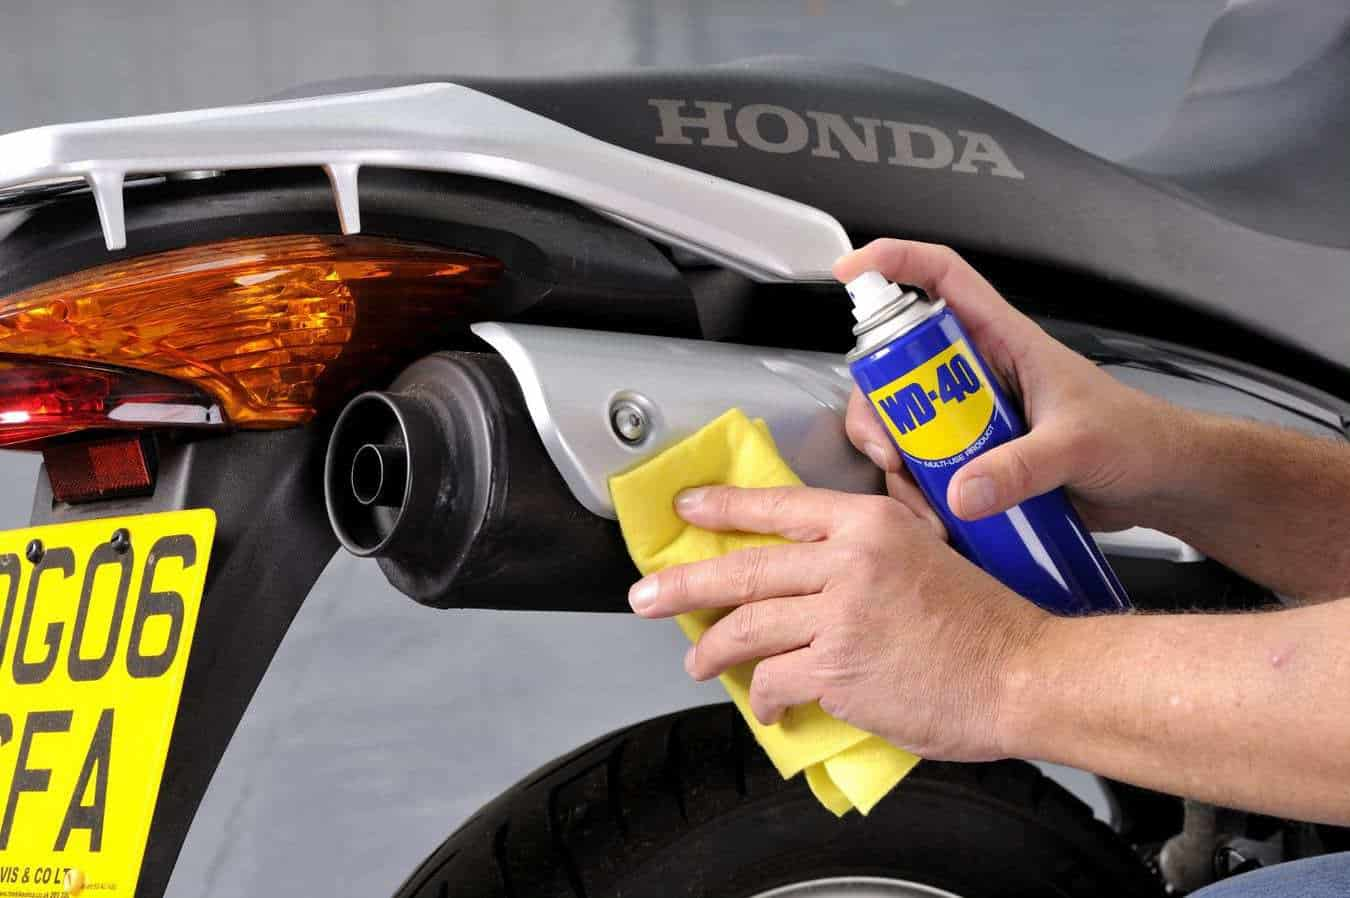 limpiar el tubo de escape de la moto